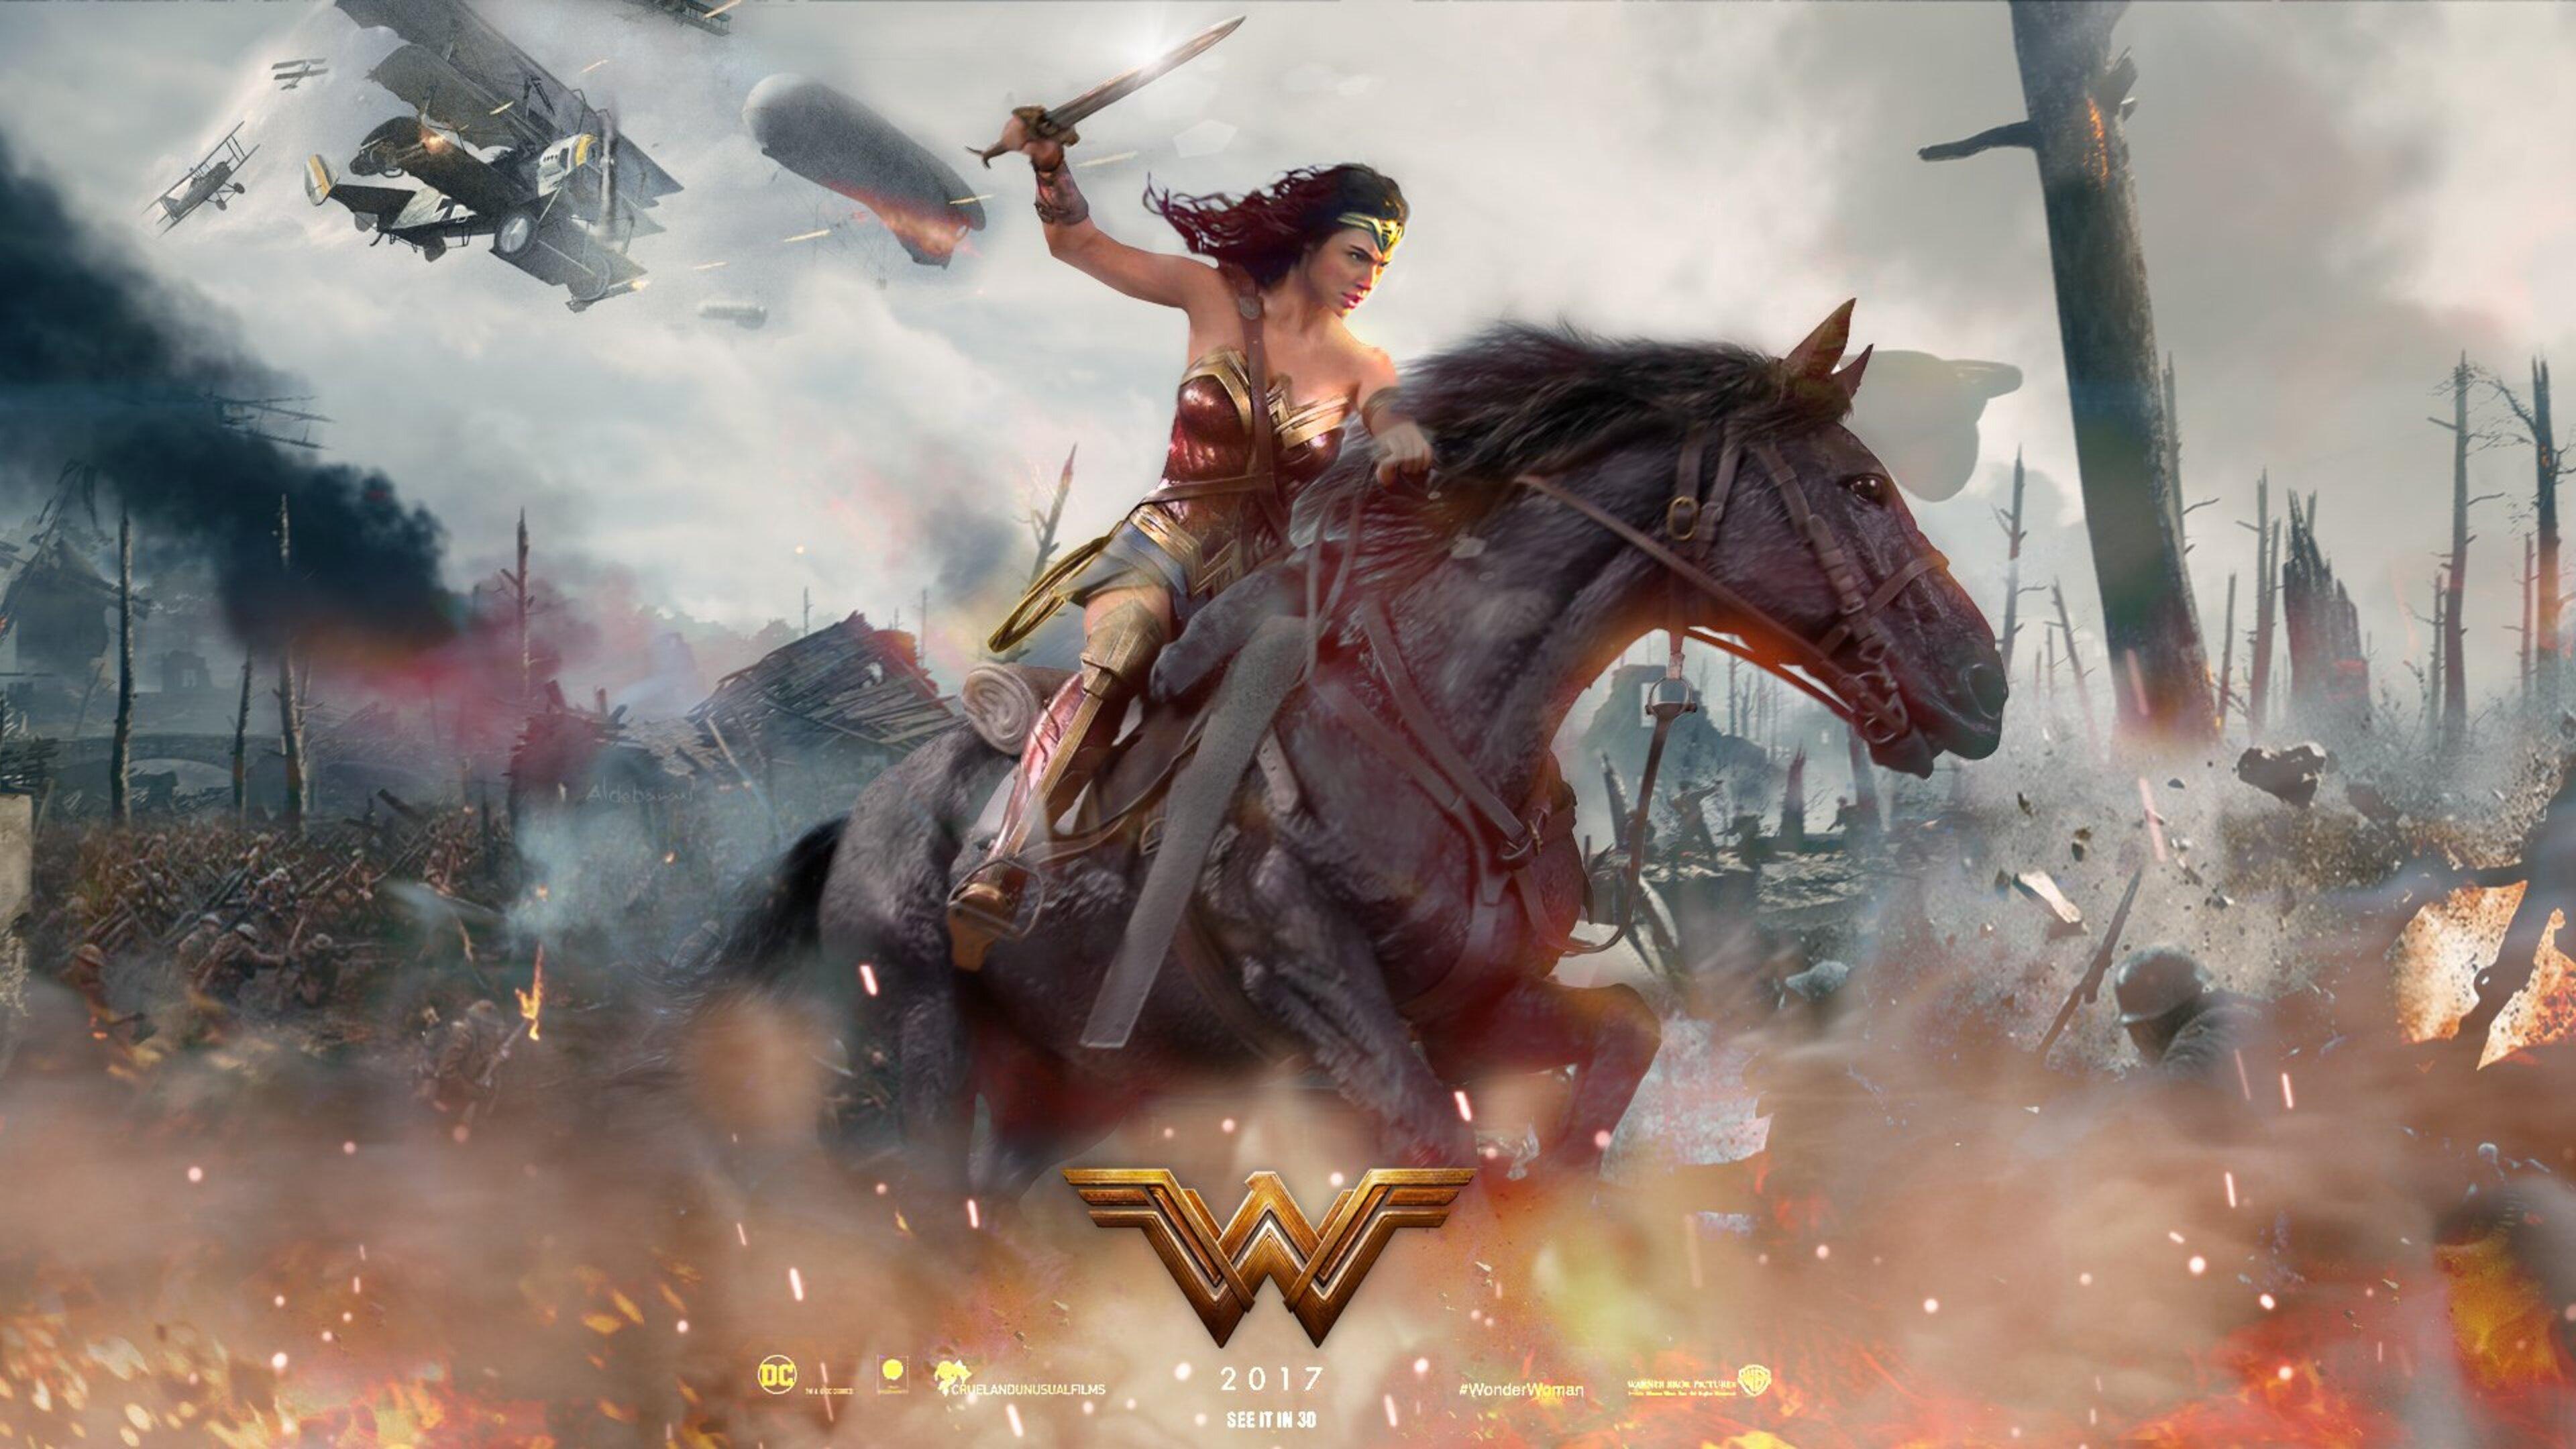 Wonder Woman 2017 Movie Wallpapers: 3840x2160 2017 Wonder Woman Movie Fan Art 4k HD 4k